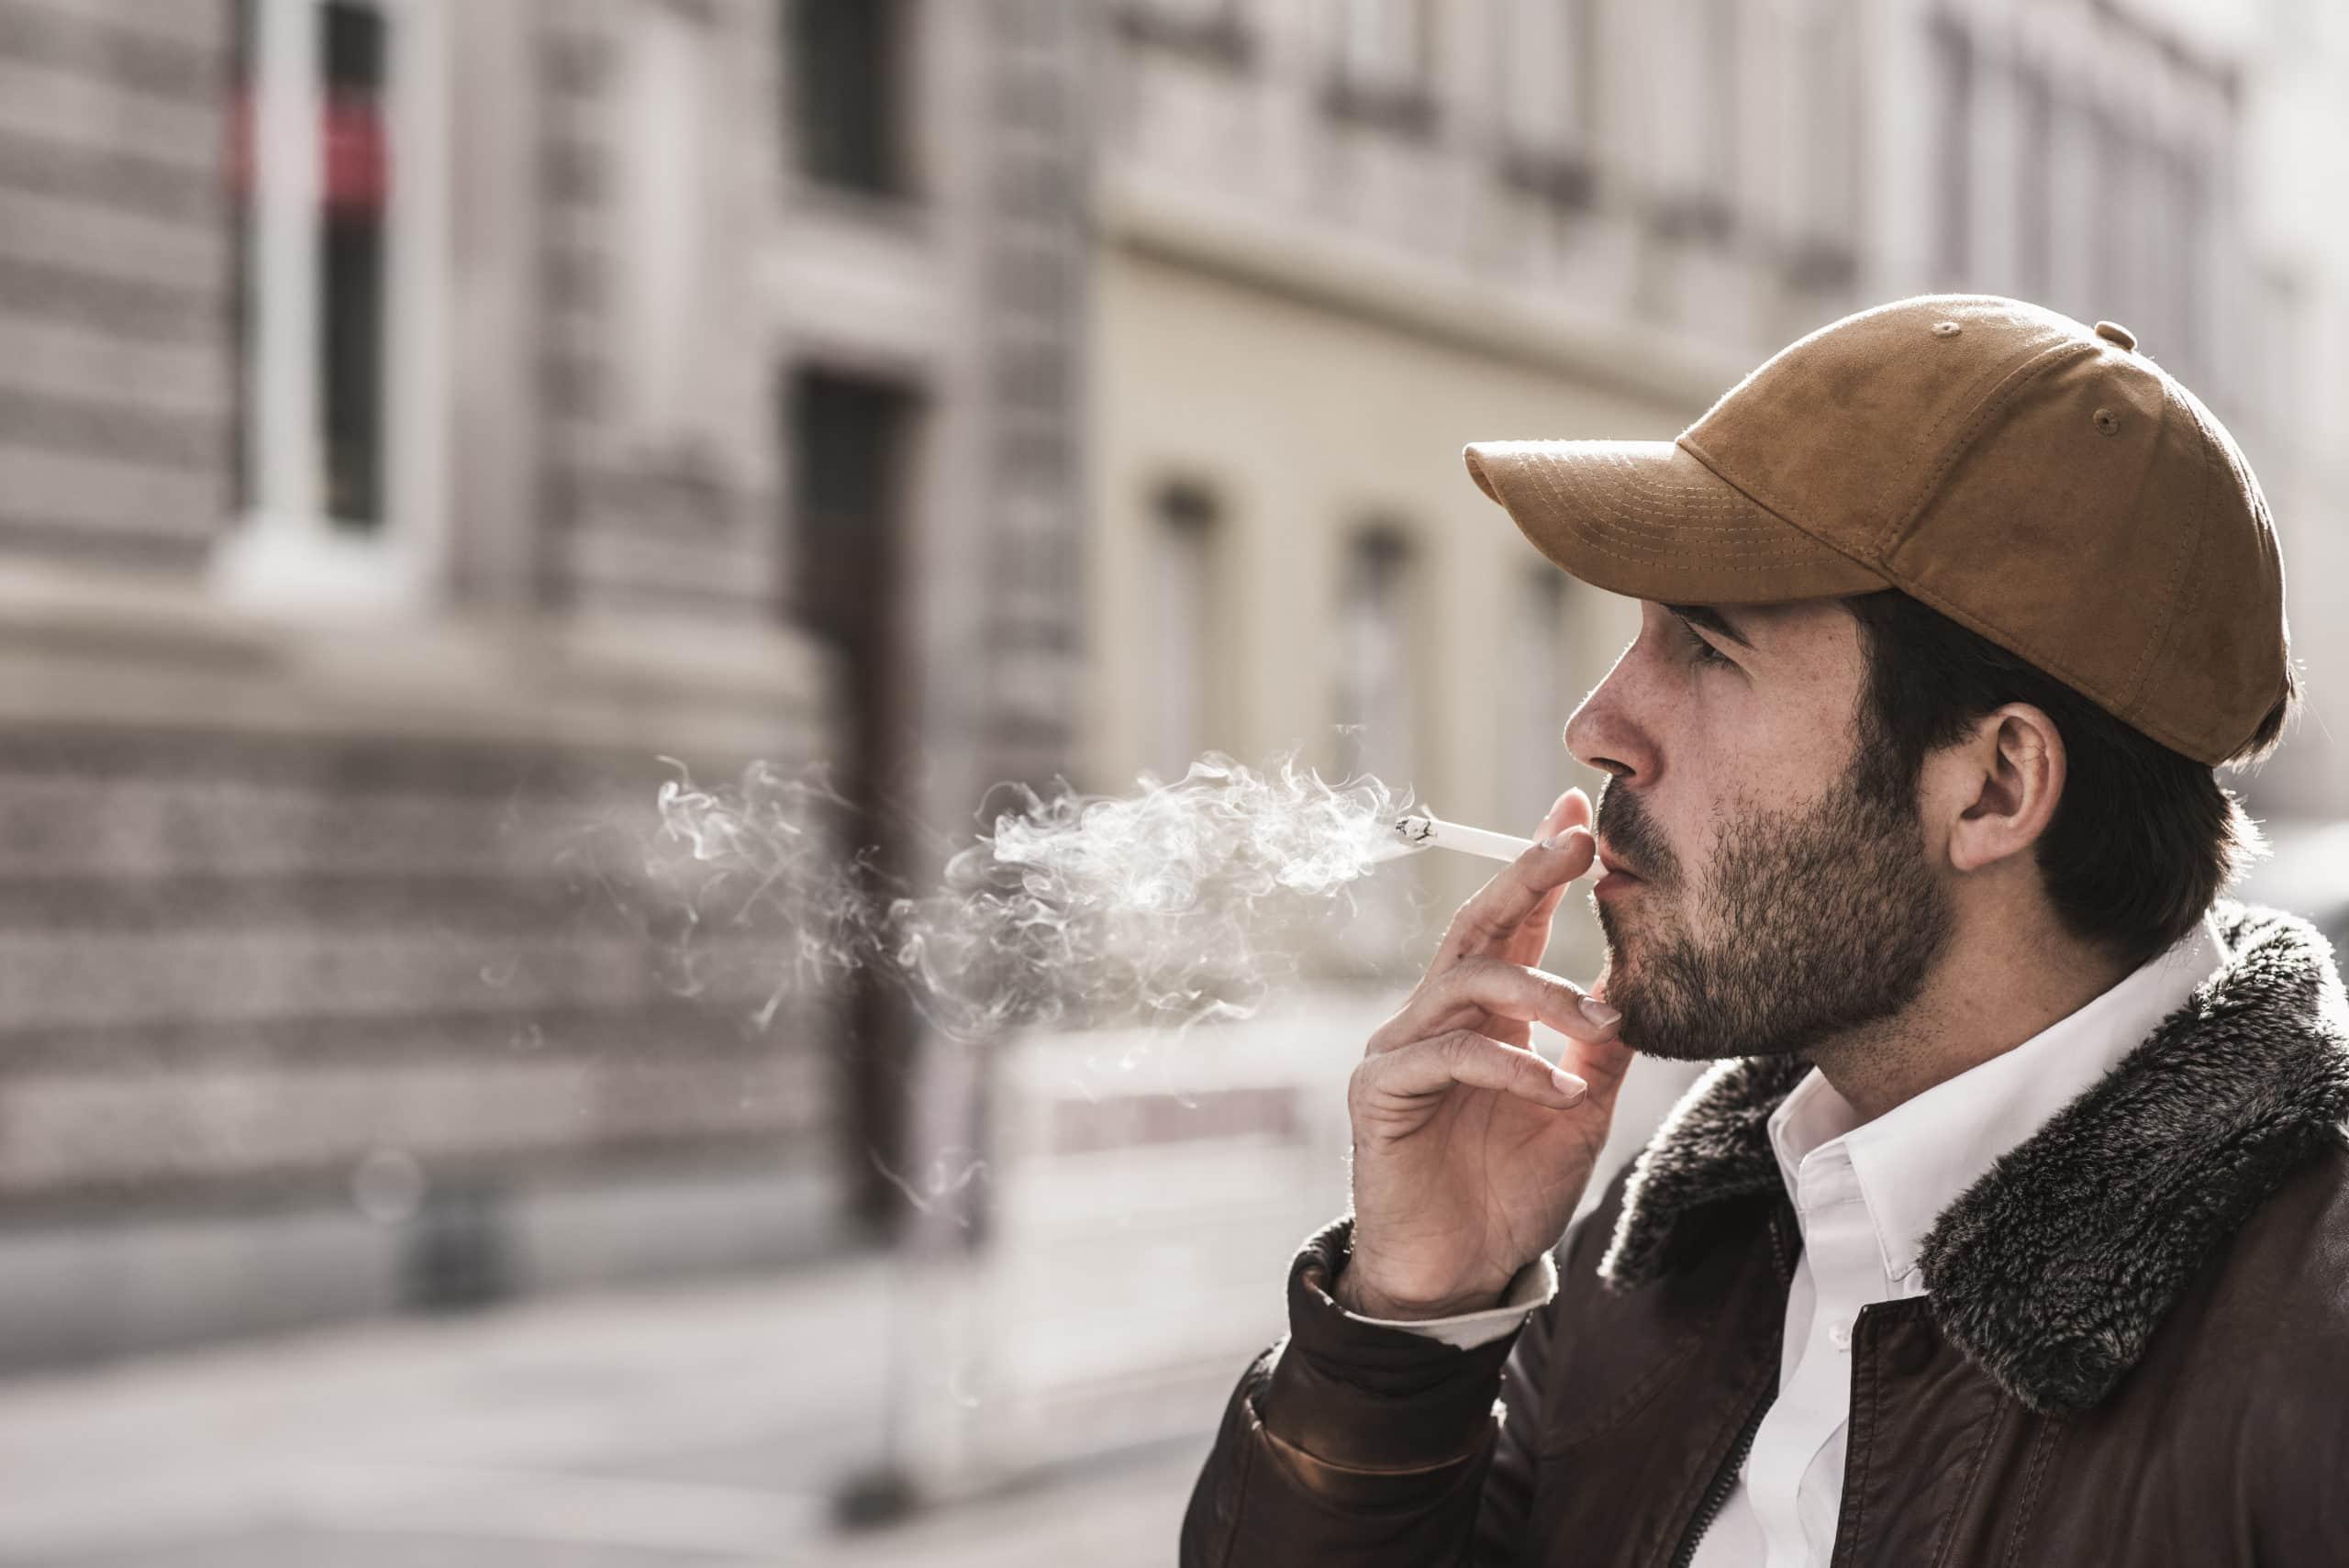 Mann mit Kappe raucht auf der Straße